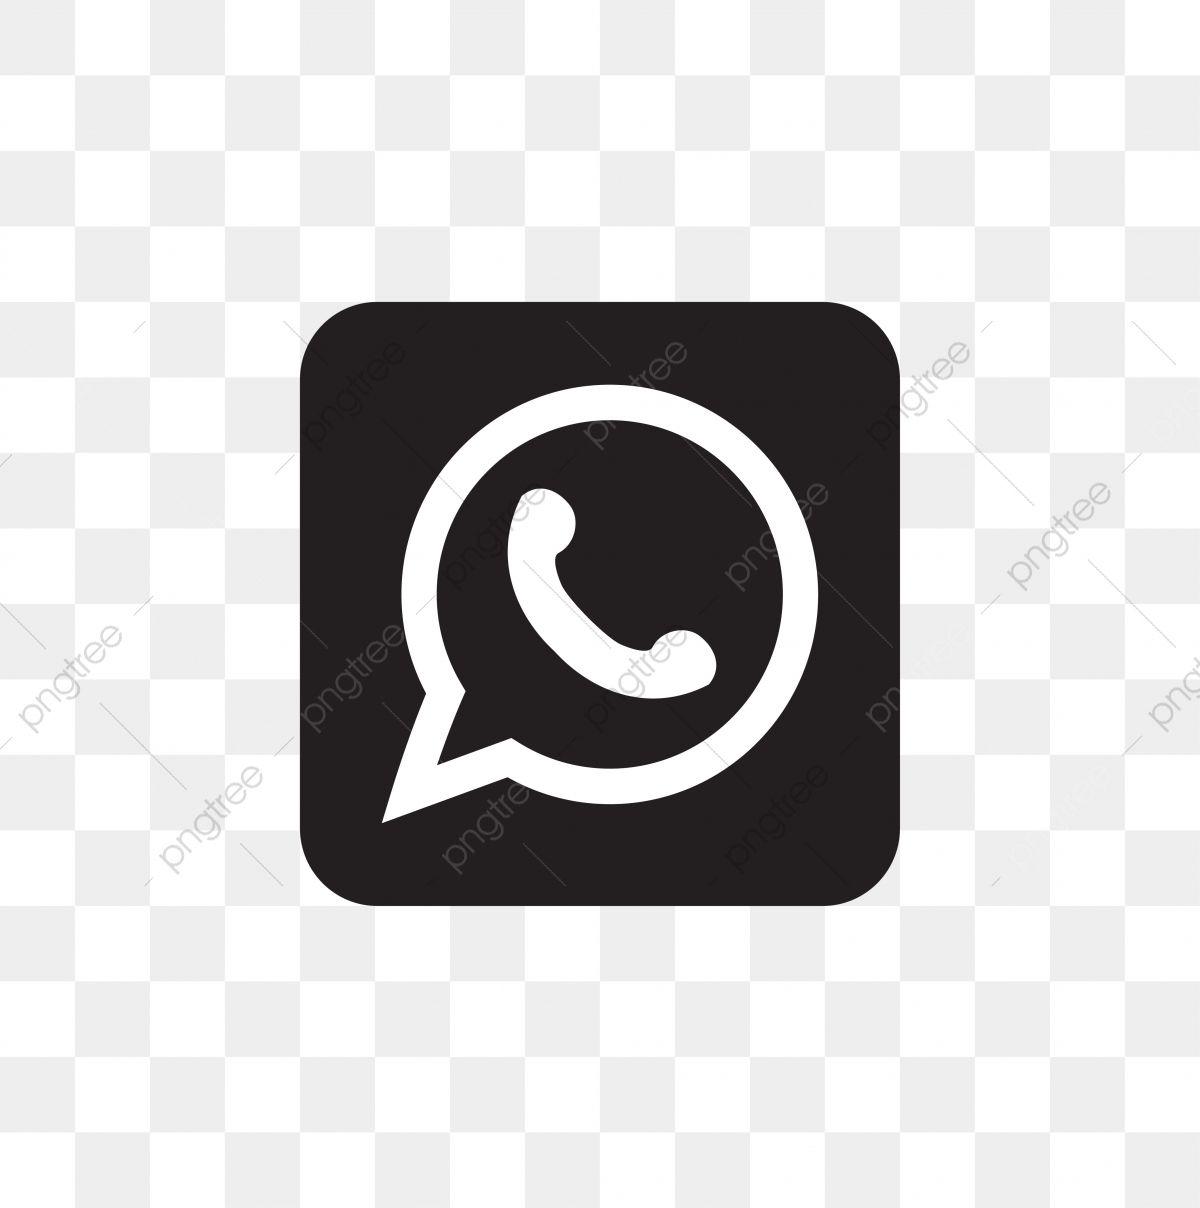 Whatsapp Social Media Icon Design Template Vector